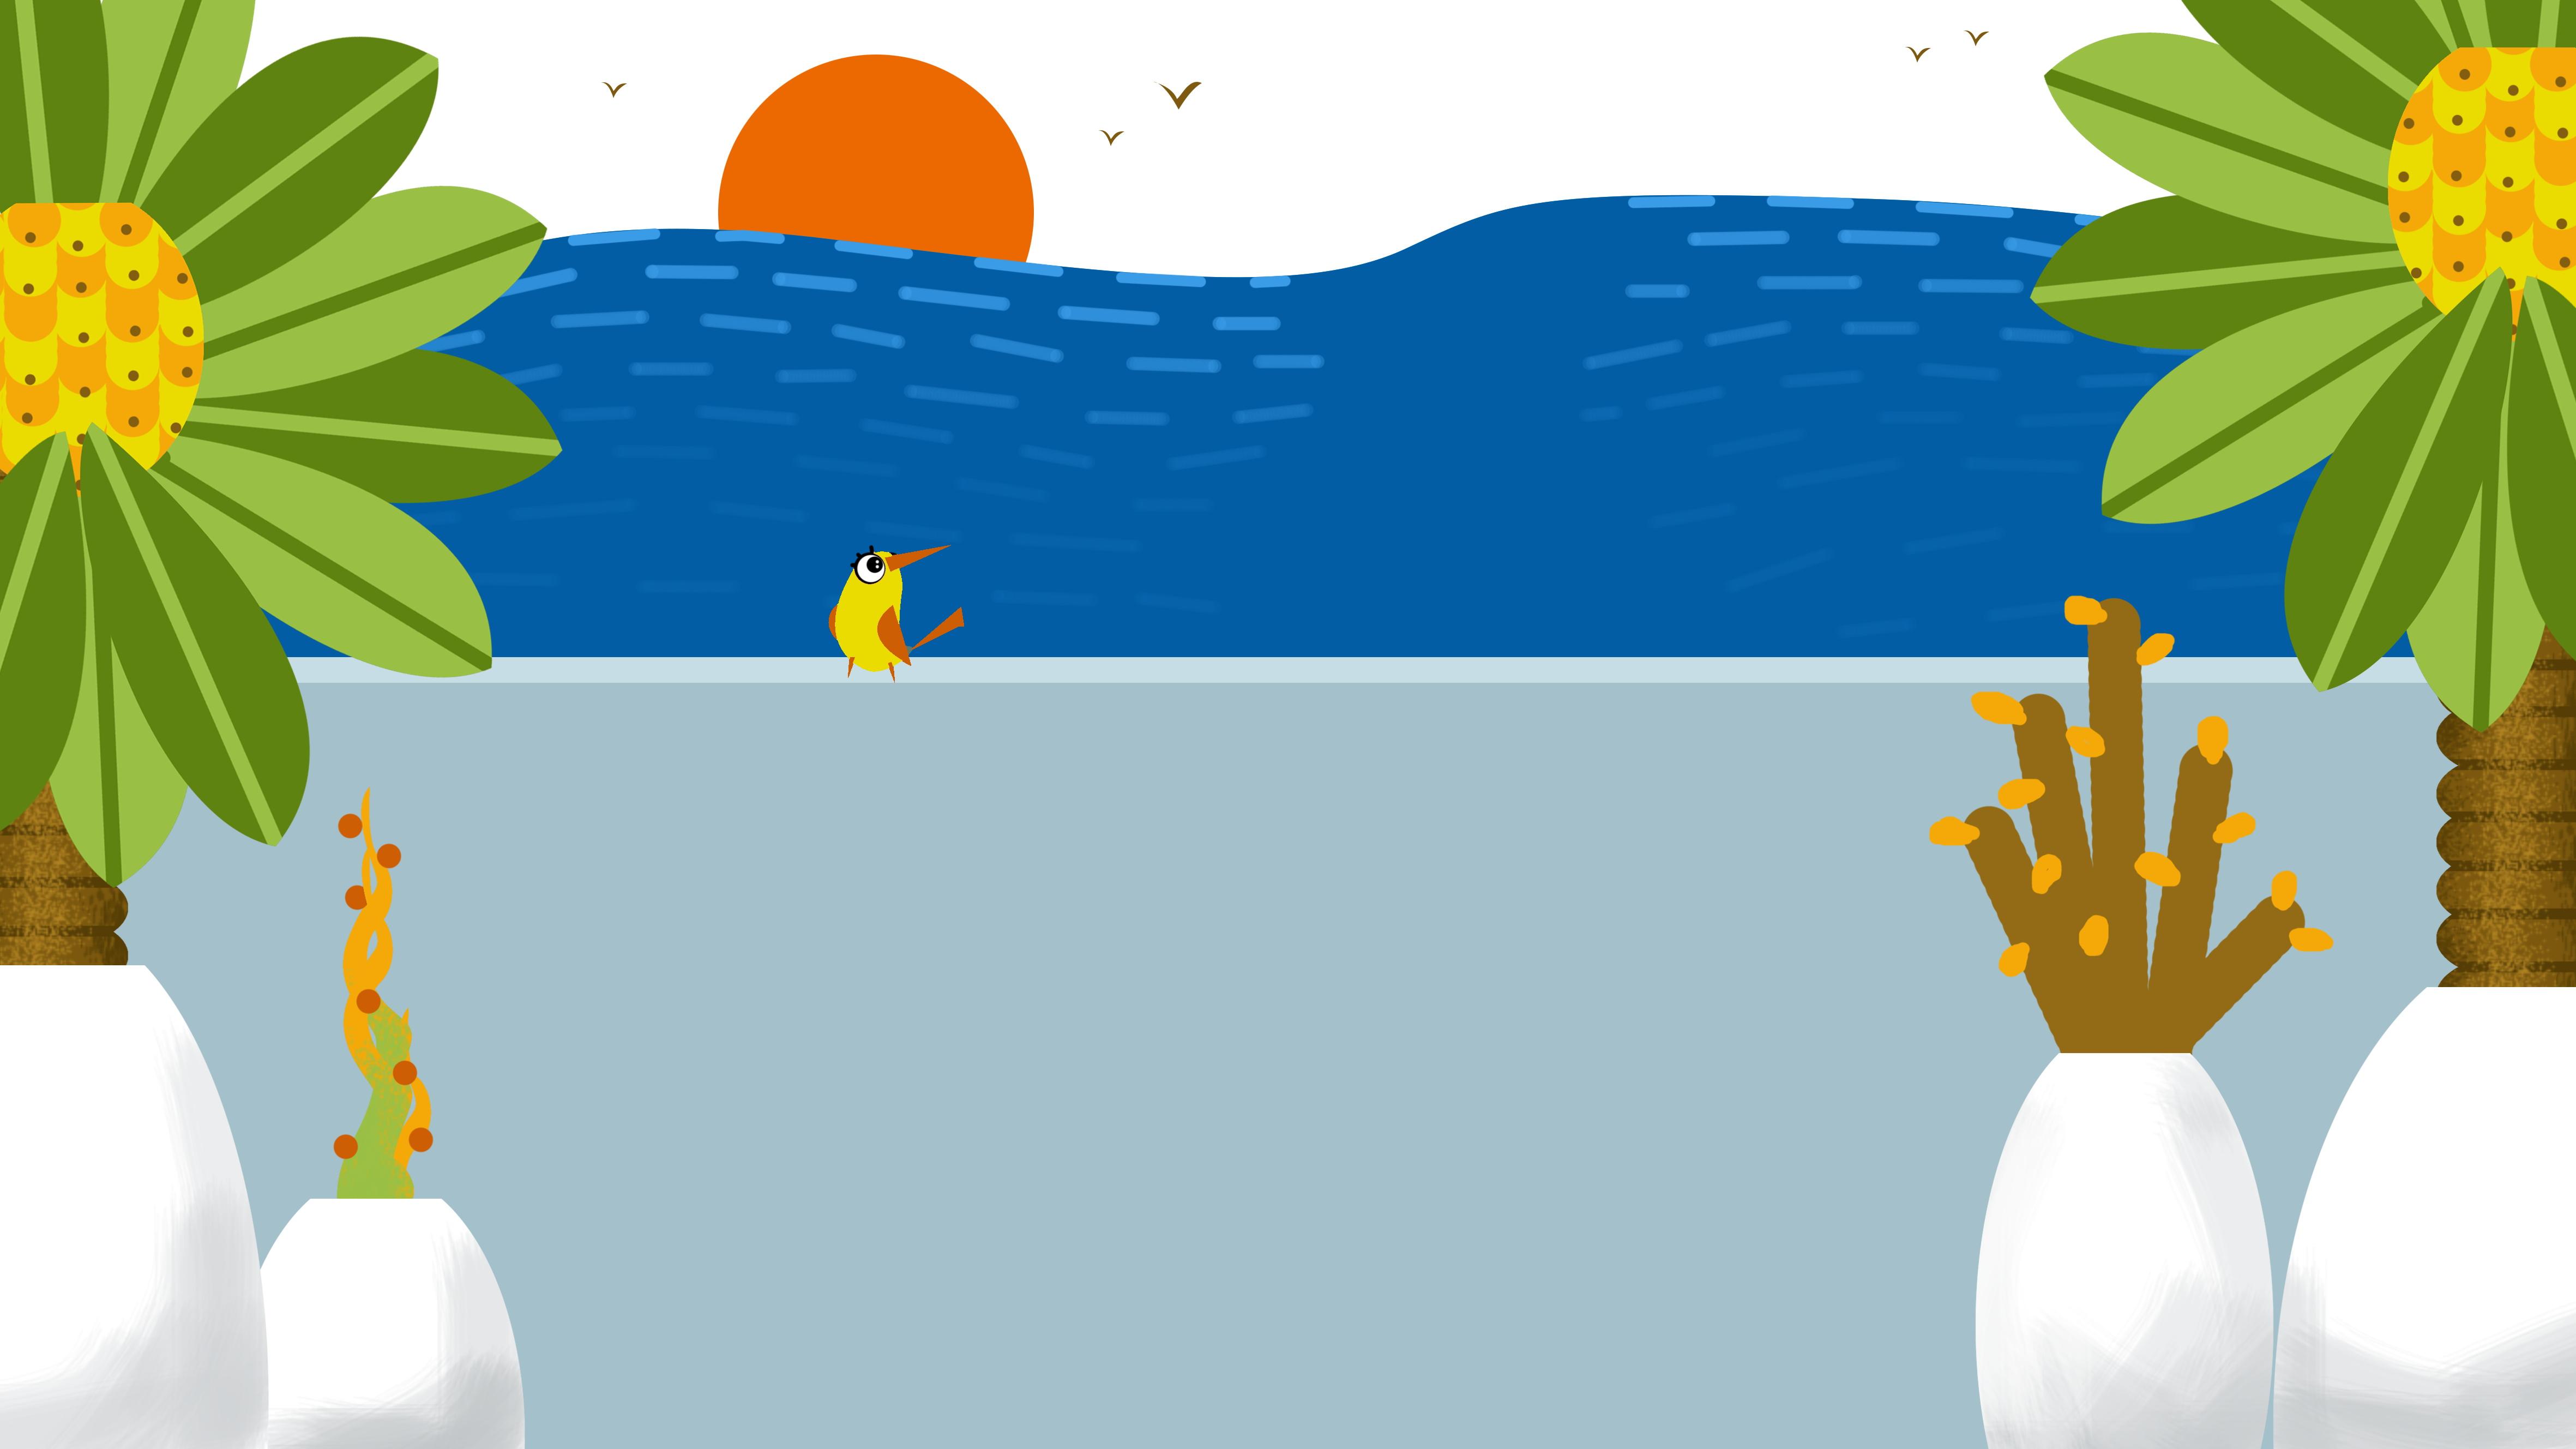 6600 Koleksi gambar pemandangan di pantai kartun Terbaik